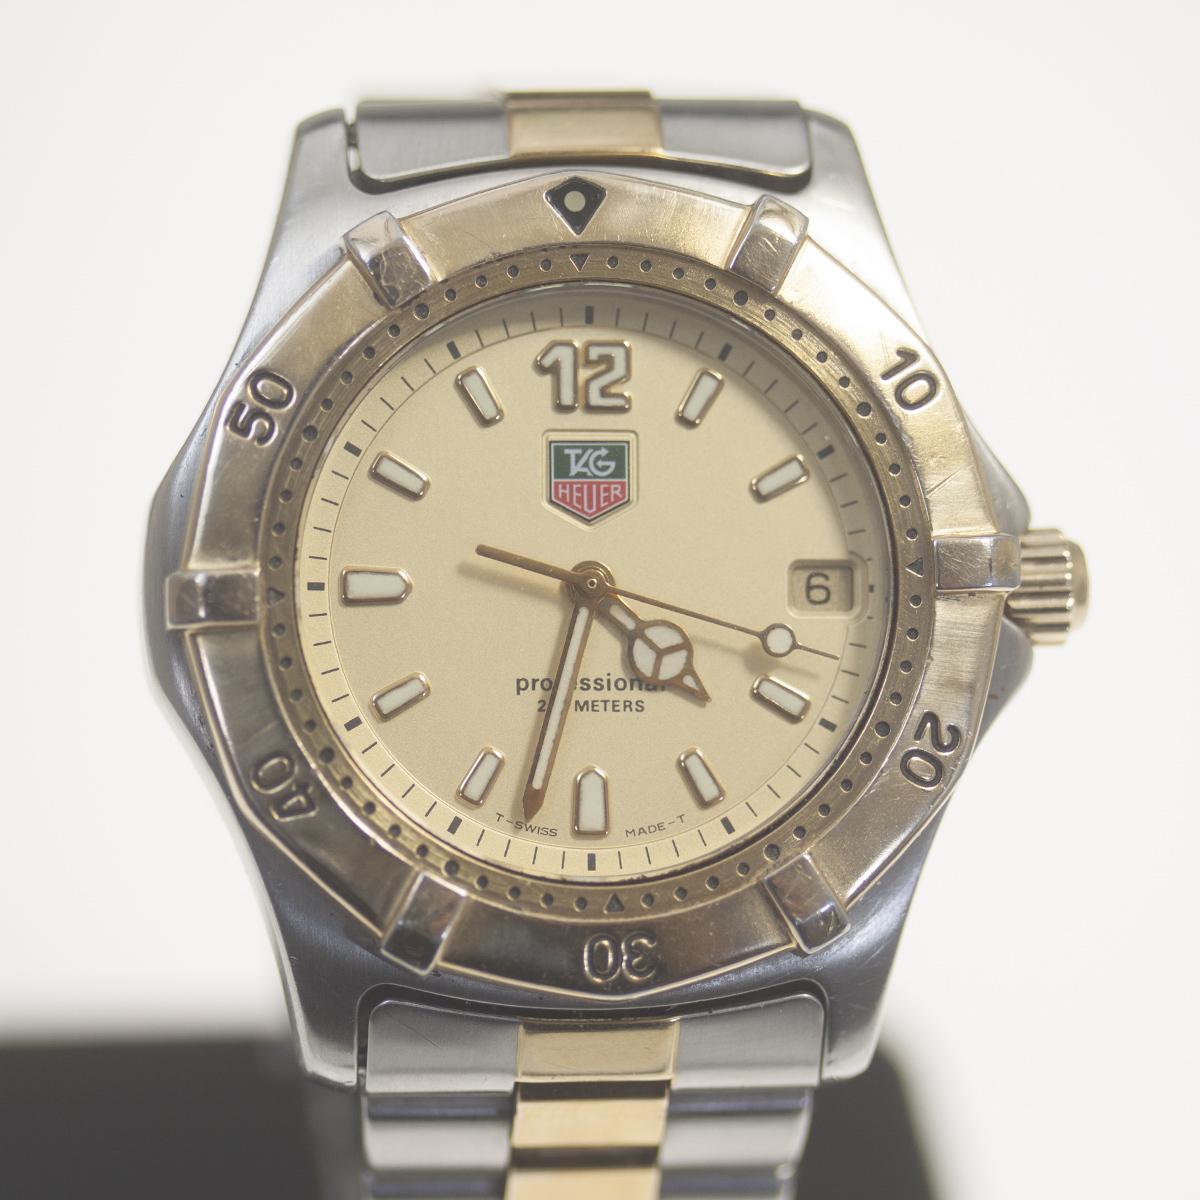 【TAG HEUER】タグホイヤー WK1121「プロフェッショナル 200m」クォーツ メンズ 腕時計【中古品】_画像1